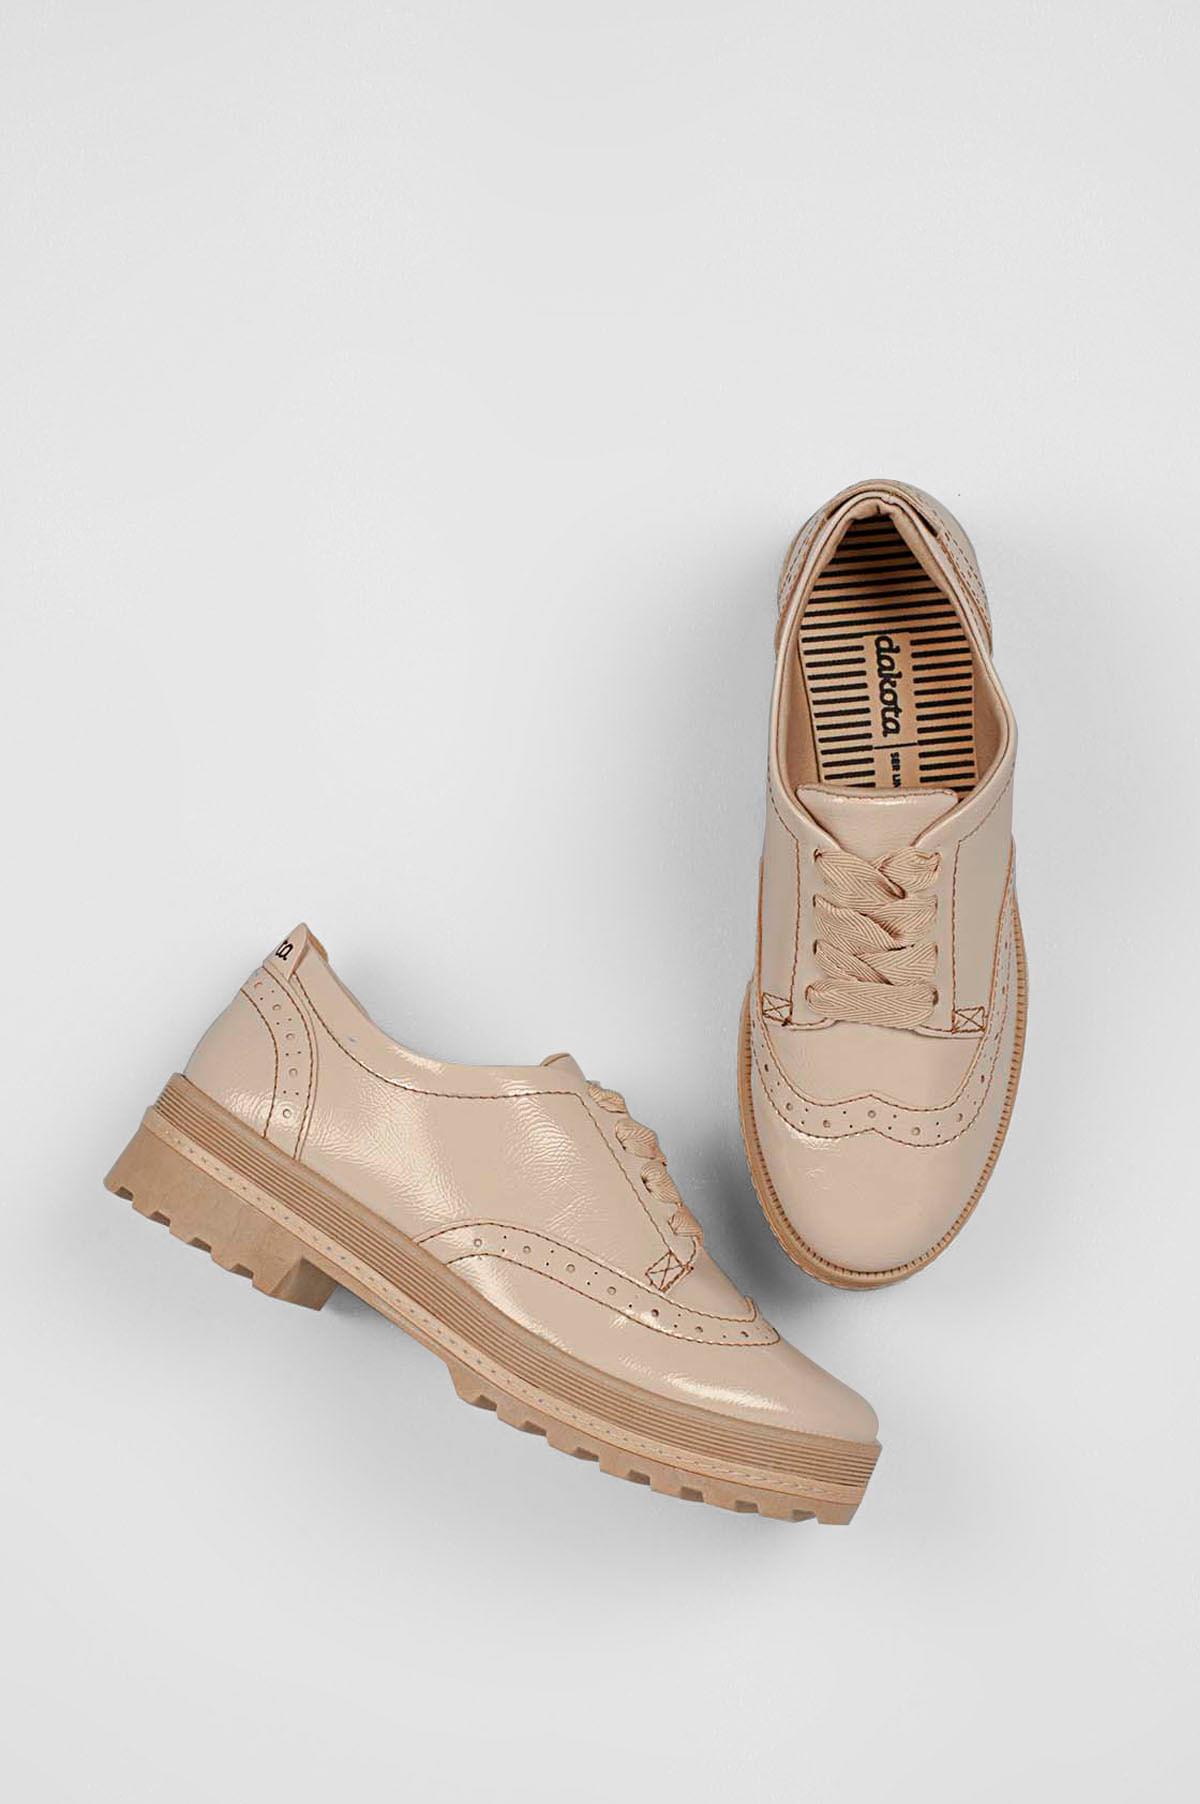 4238257ab Oxford Feminino Fabricia Dakota VERNIZ - BEGE - Mundial Calçados